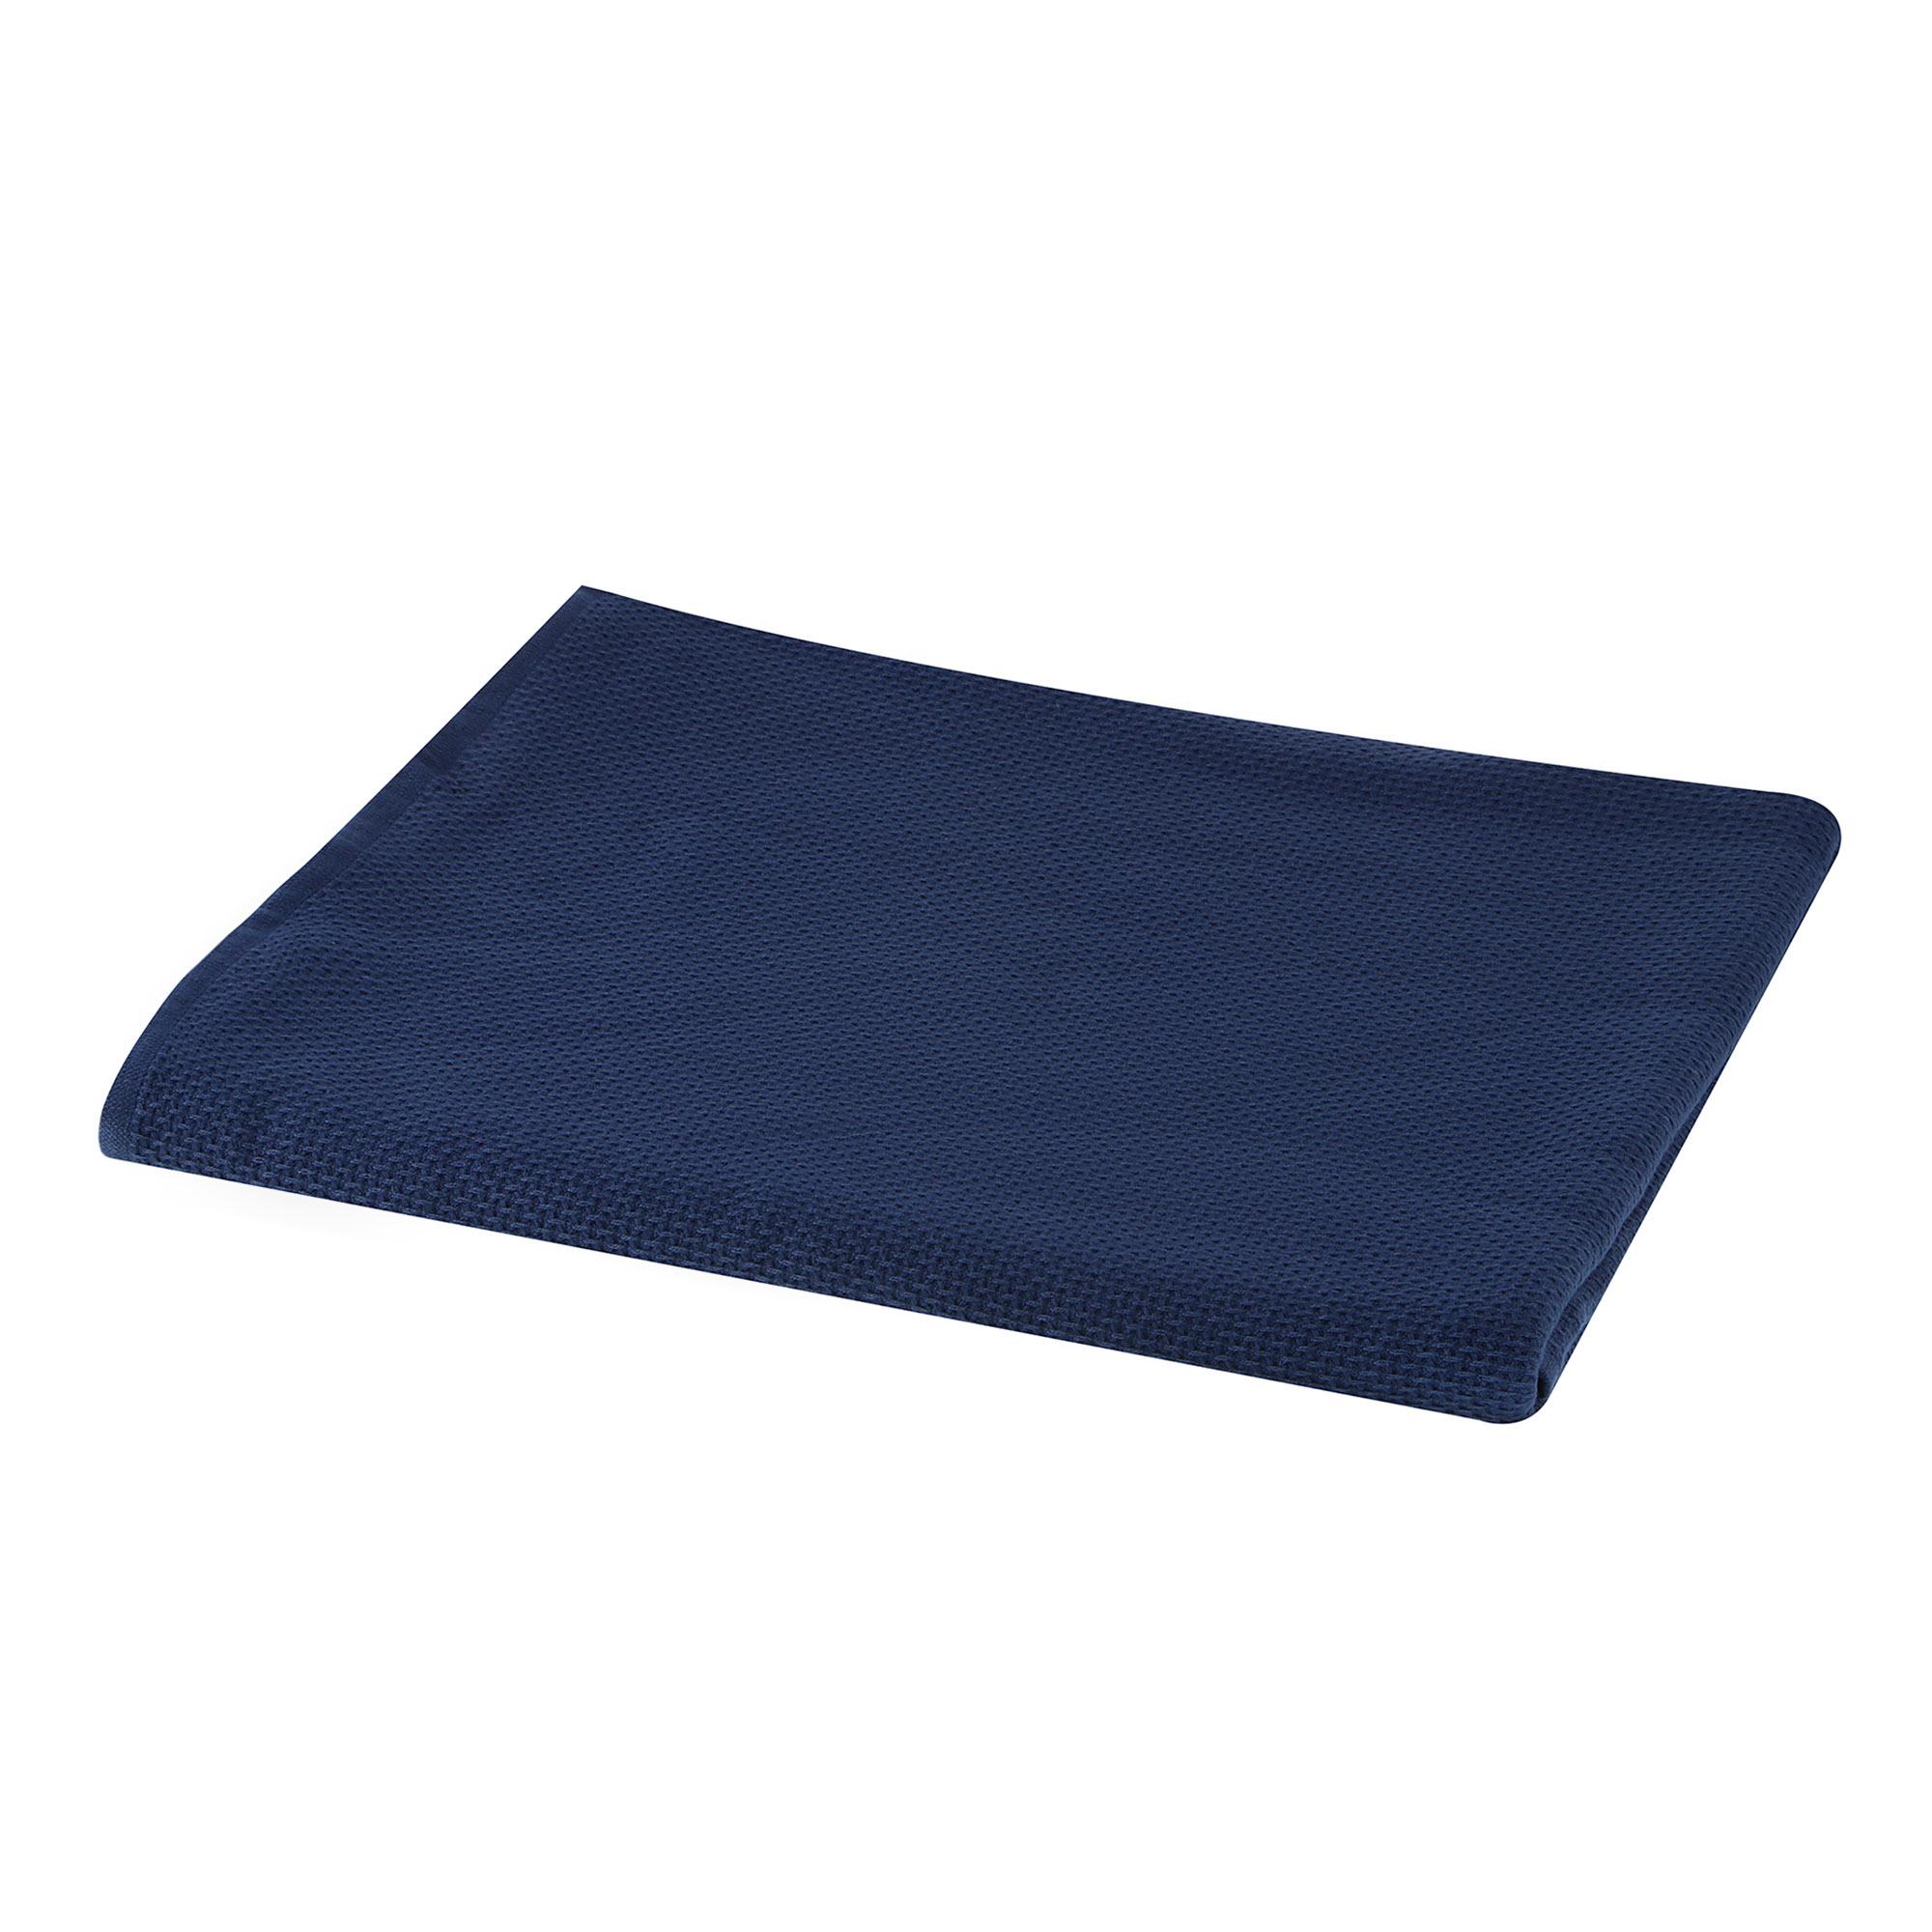 Фото - Полотенце двухстороннее Asil 100x150 d.blue полотенце valentini 100x150 aqua 1228